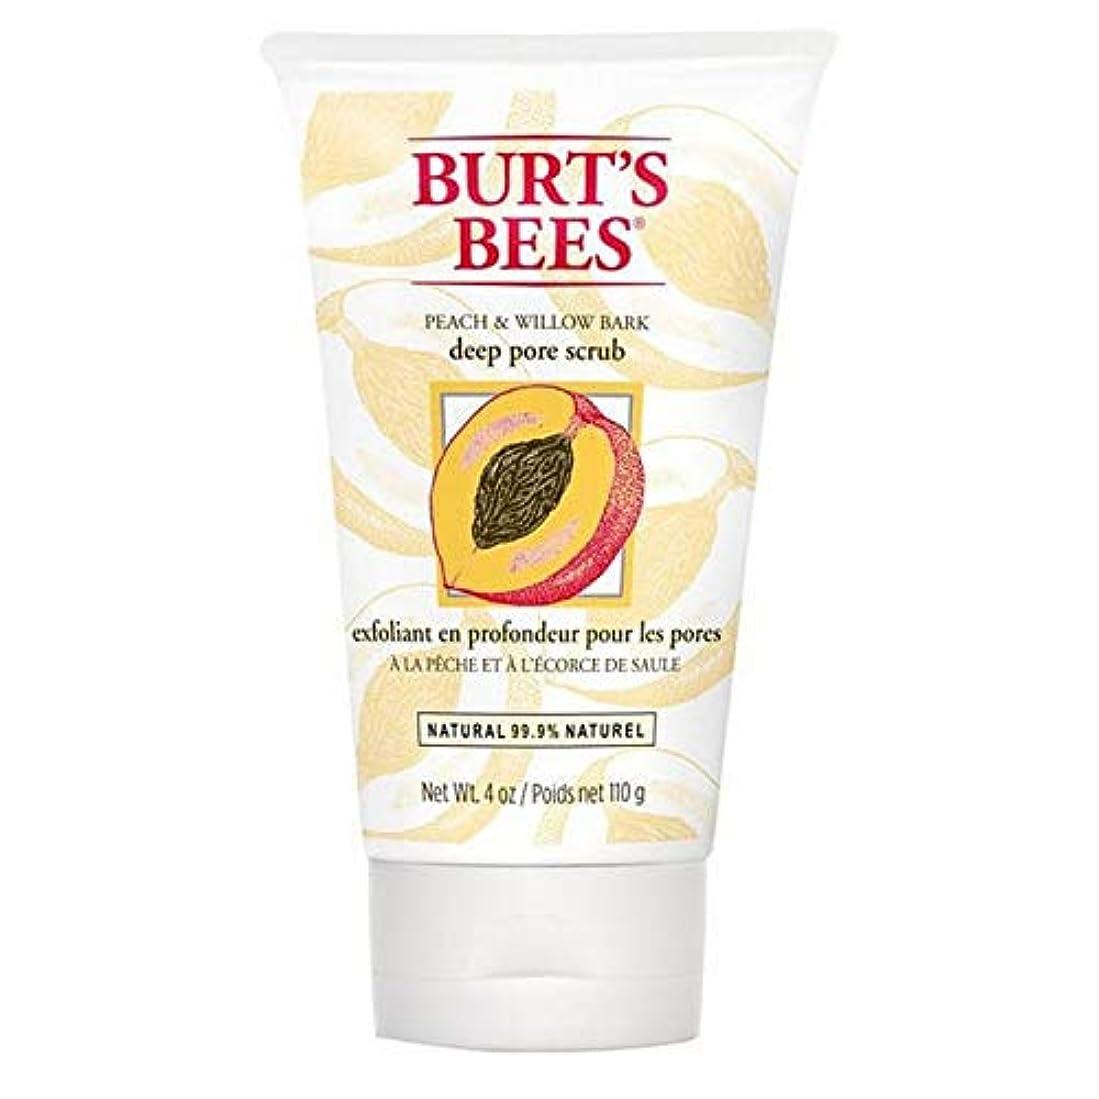 高めるなので空気[Burt's Bees] バーツビーの桃とWillowbark深いポアスクラブ110グラム - Burt's Bees Peach and Willowbark Deep Pore Scrub 110g [並行輸入品]